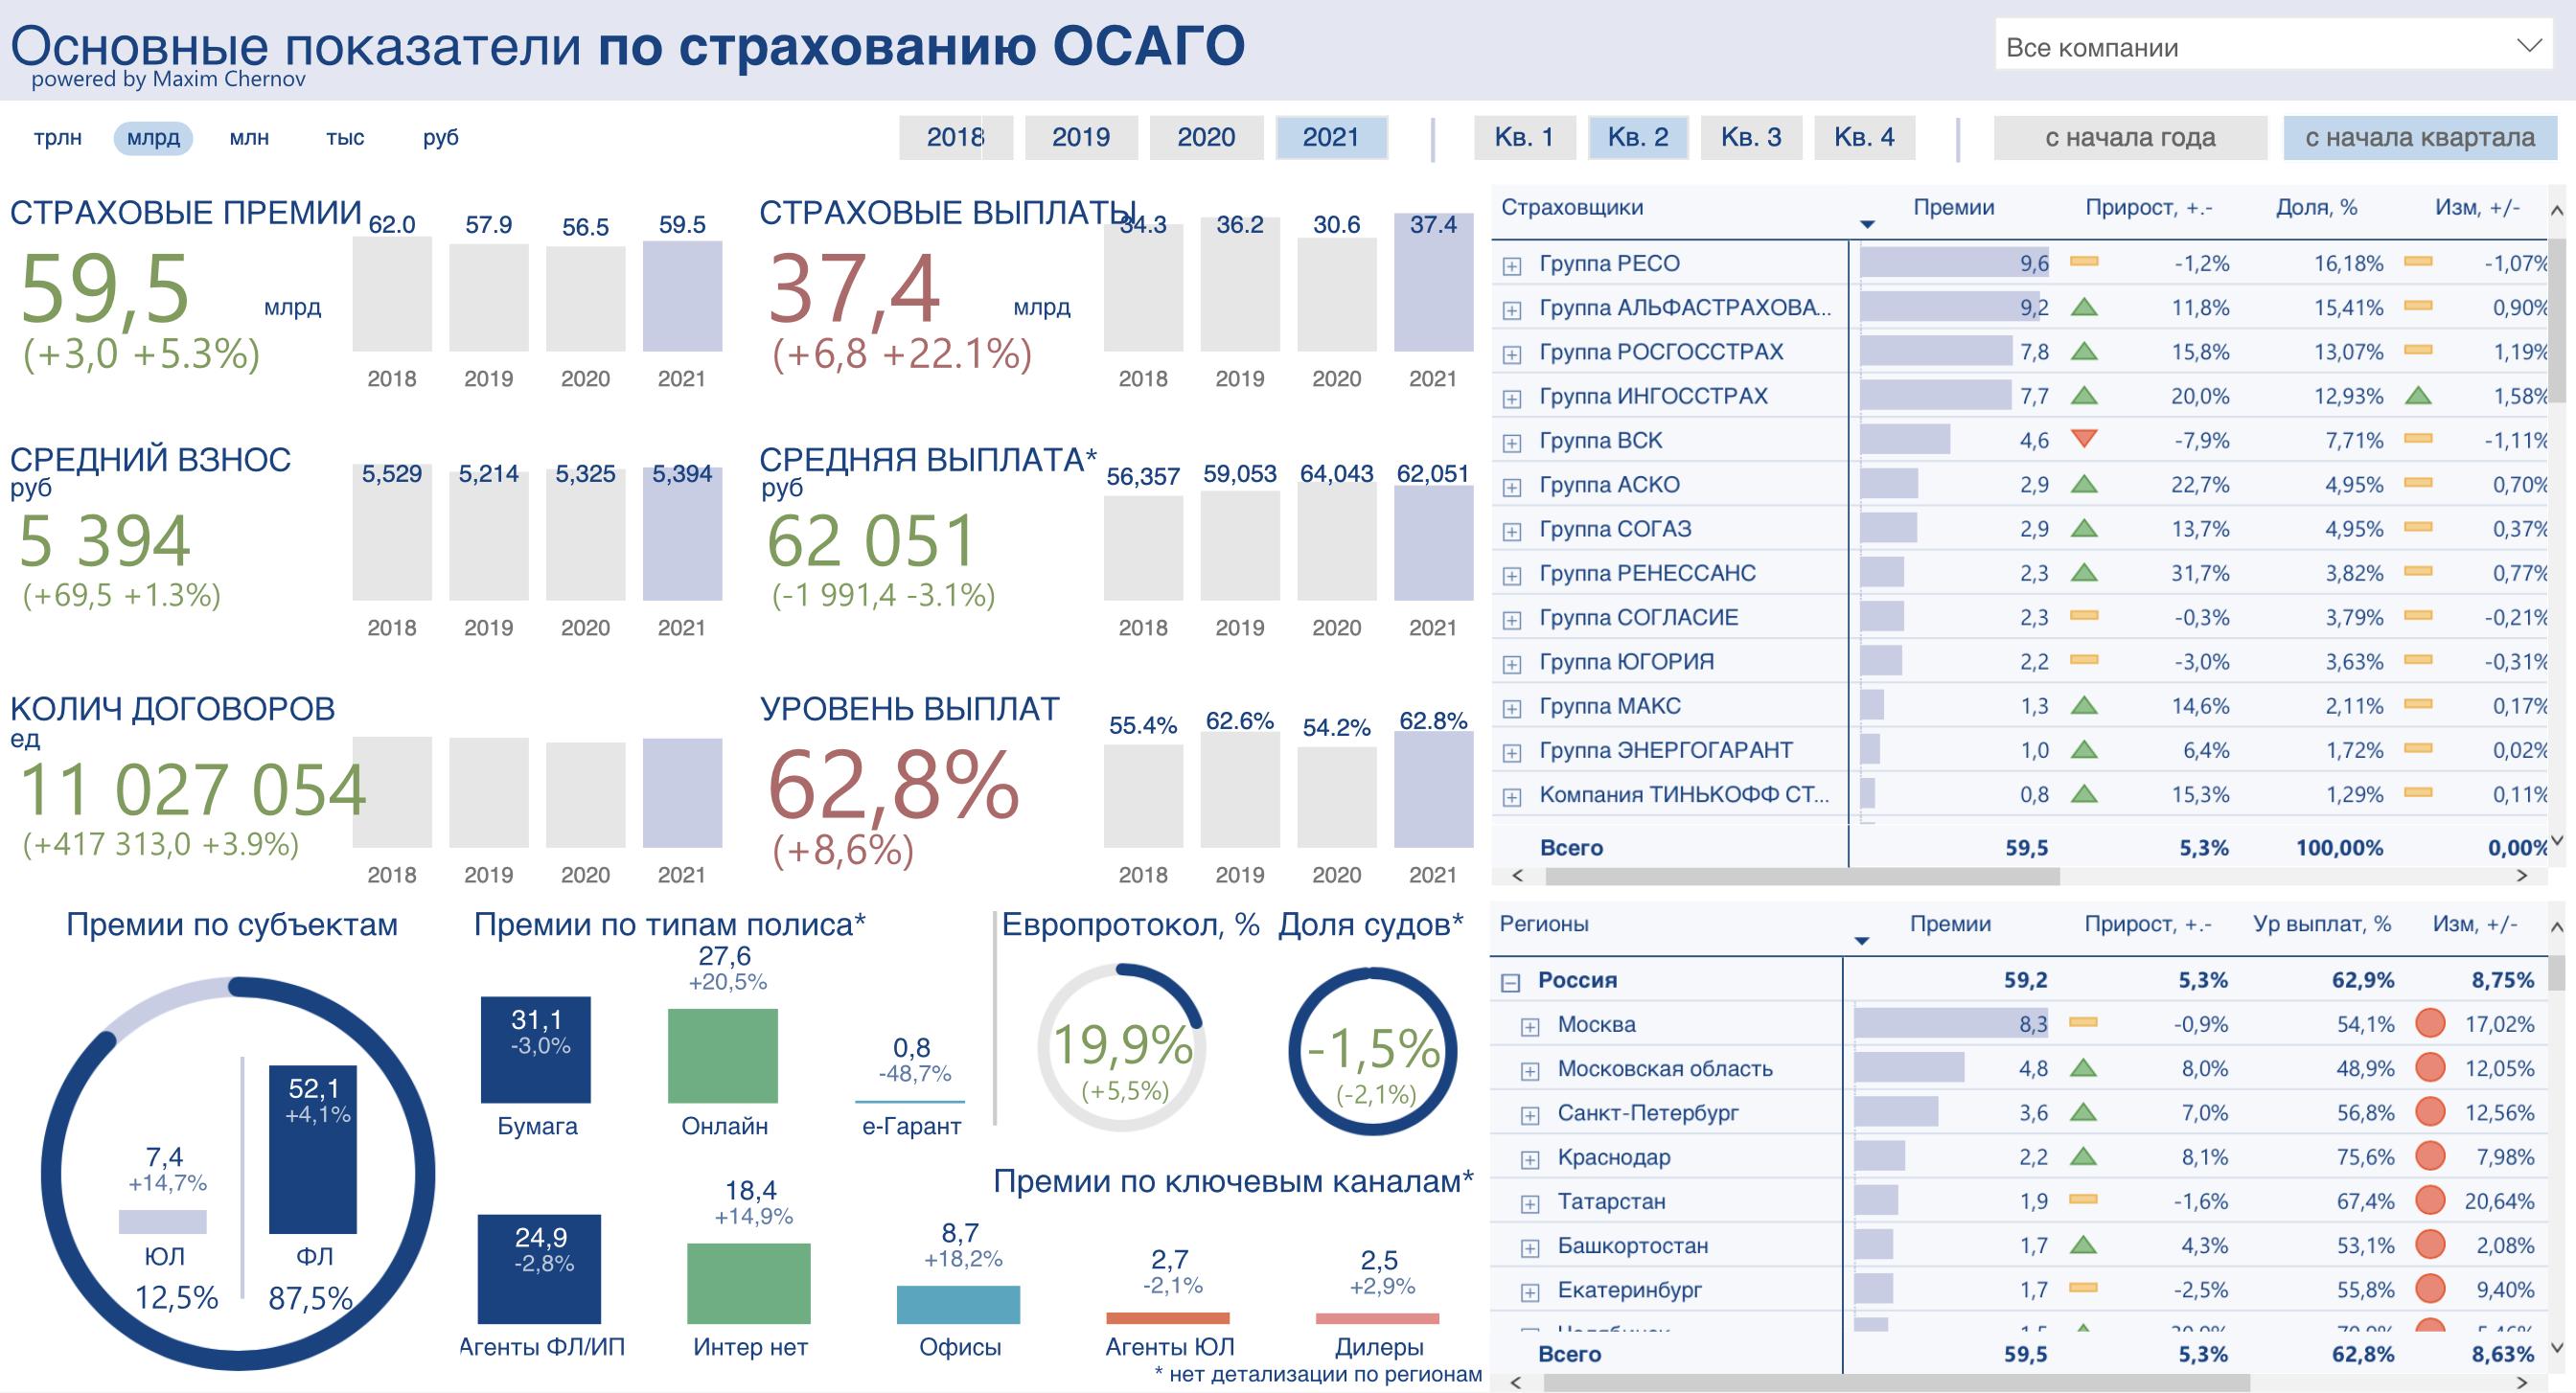 Рынок ОСАГО в 1 полугодии 2021 вырос на 6%